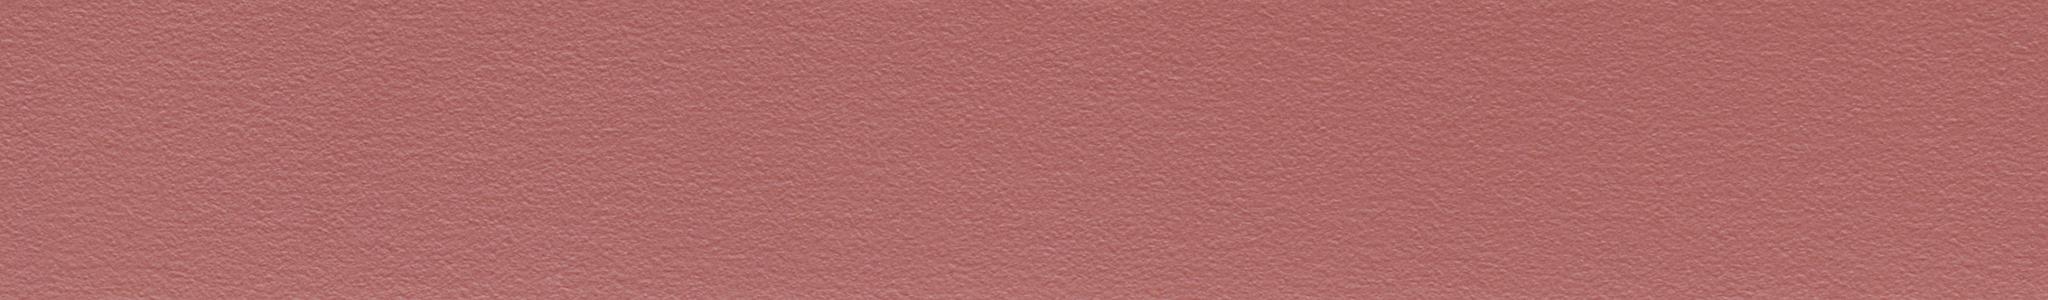 HU 130098 Кромка ABS Красный - Мягкая Шагрень 107